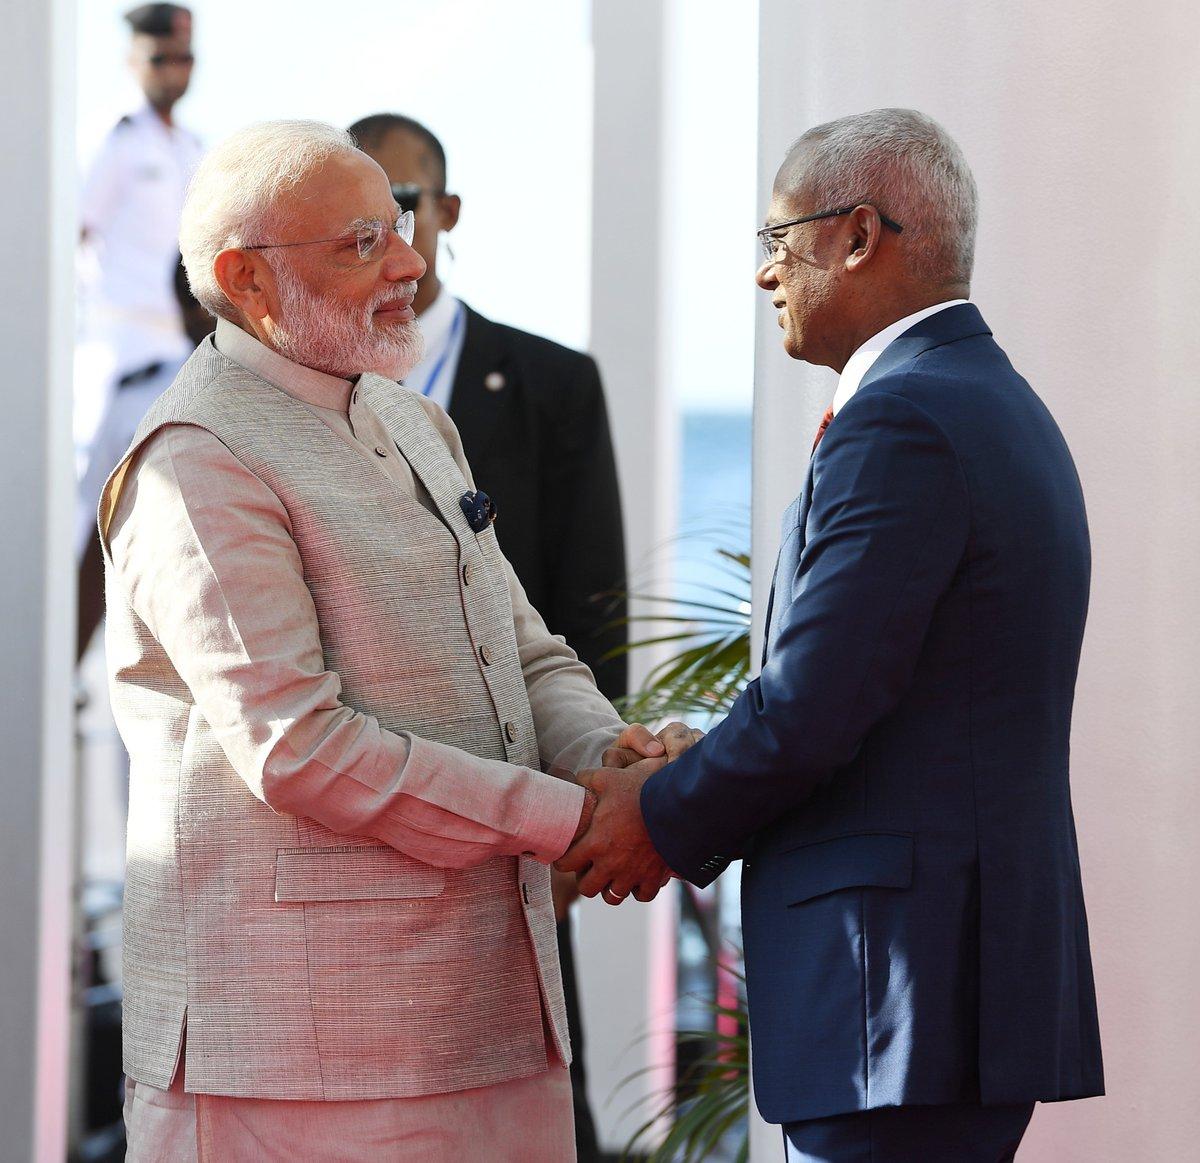 استقبال رئيس المالديف لرئيس وزراء الهند